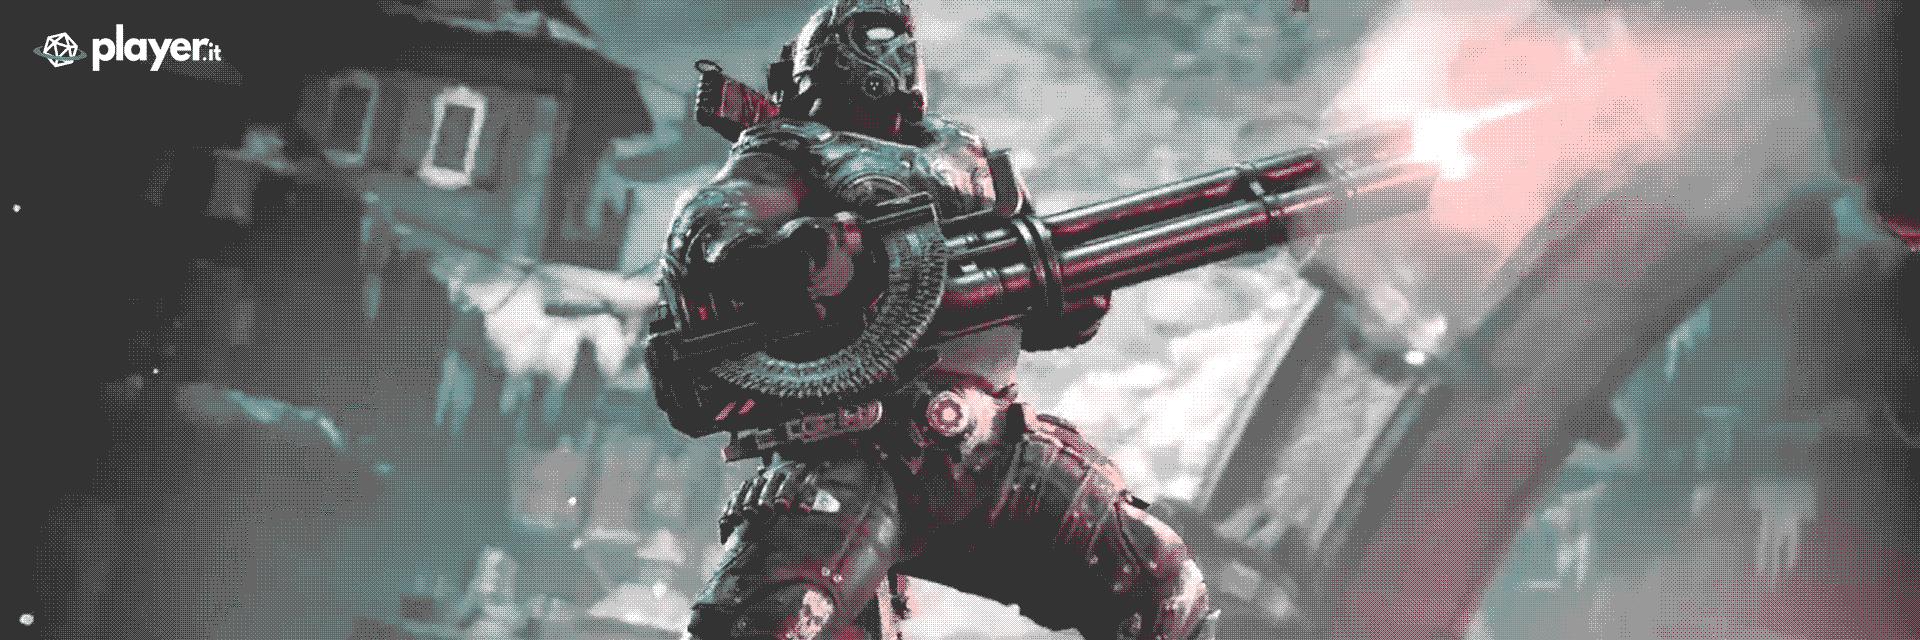 gears of war 3 artwork e scheda gioco